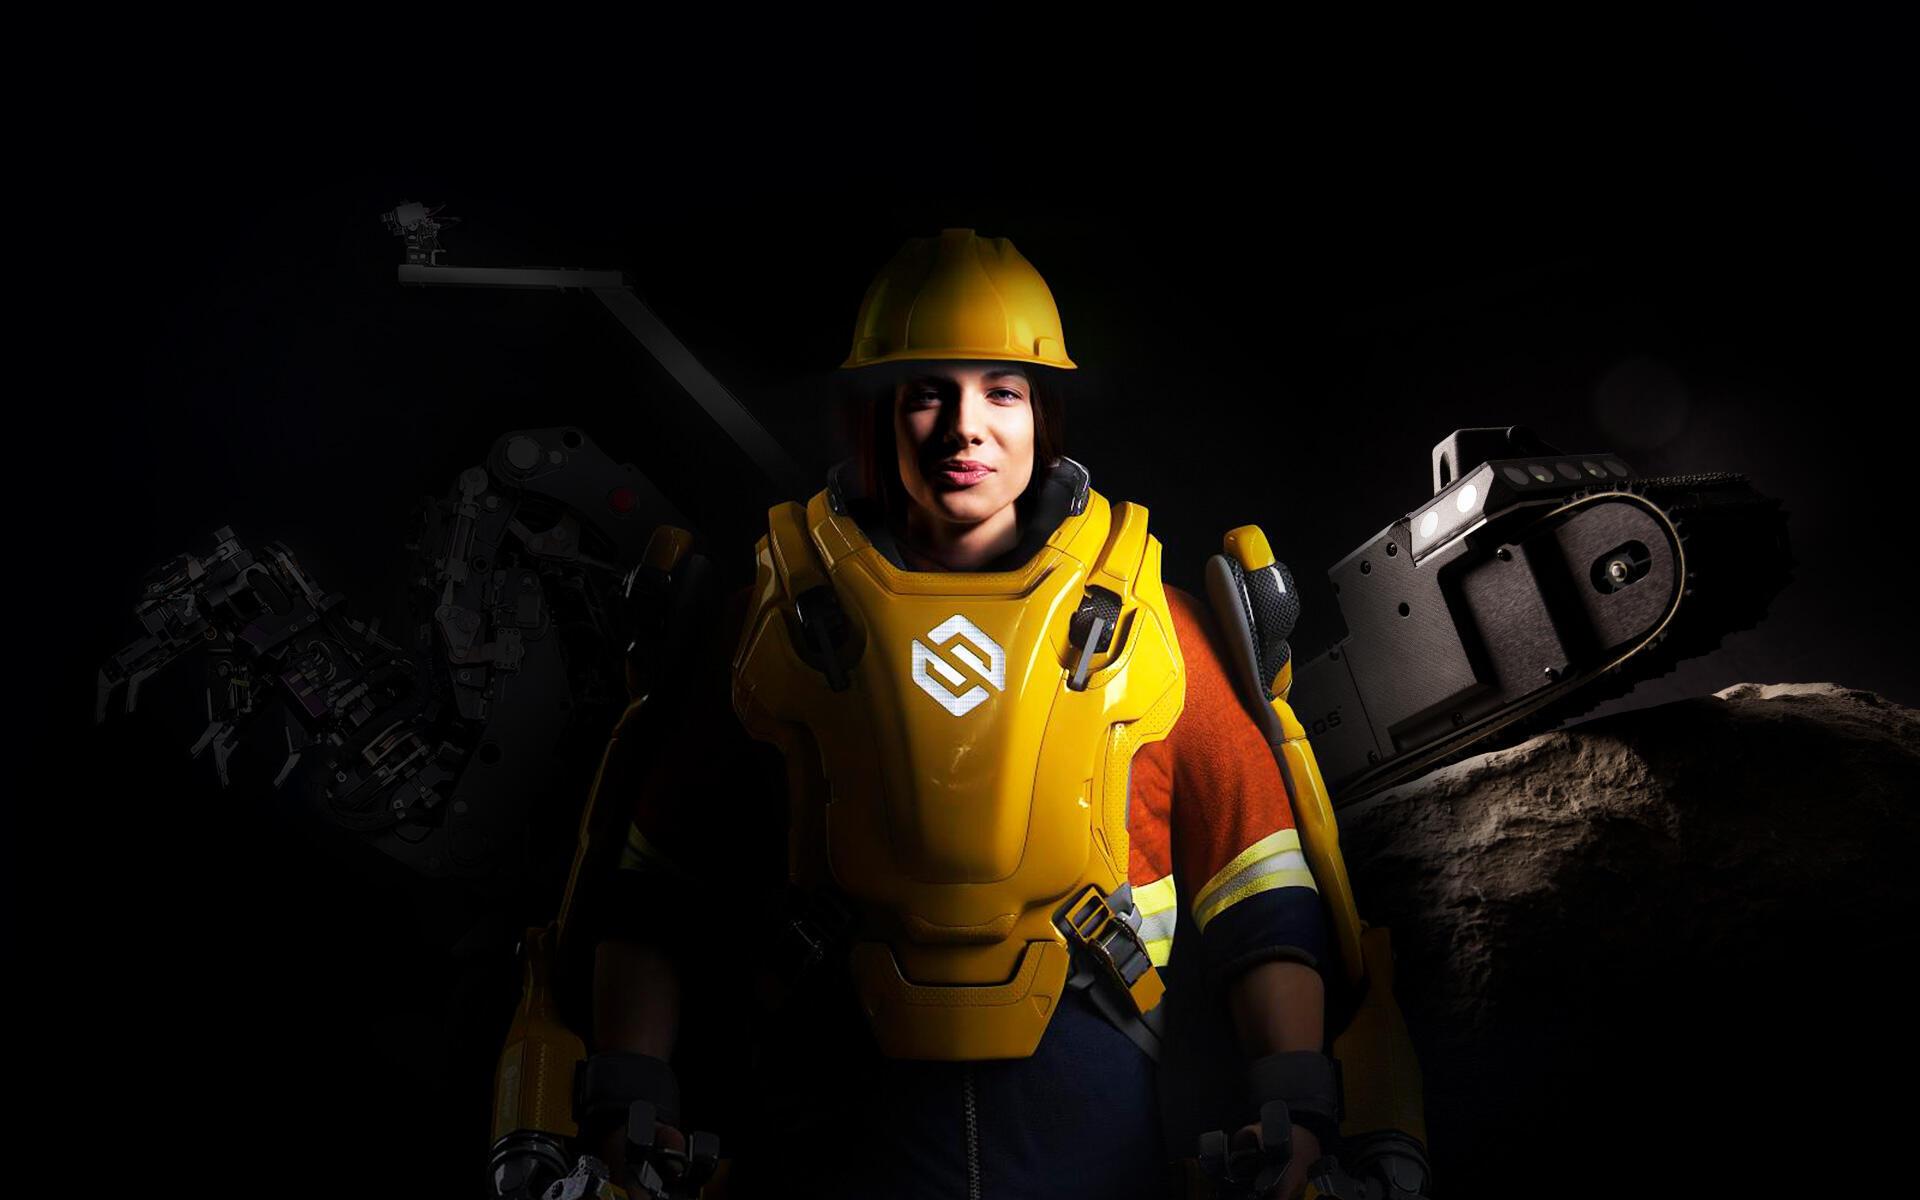 Le nouveau modèle de robot portable de la société Sarcos se nomme Guardian XO Max.